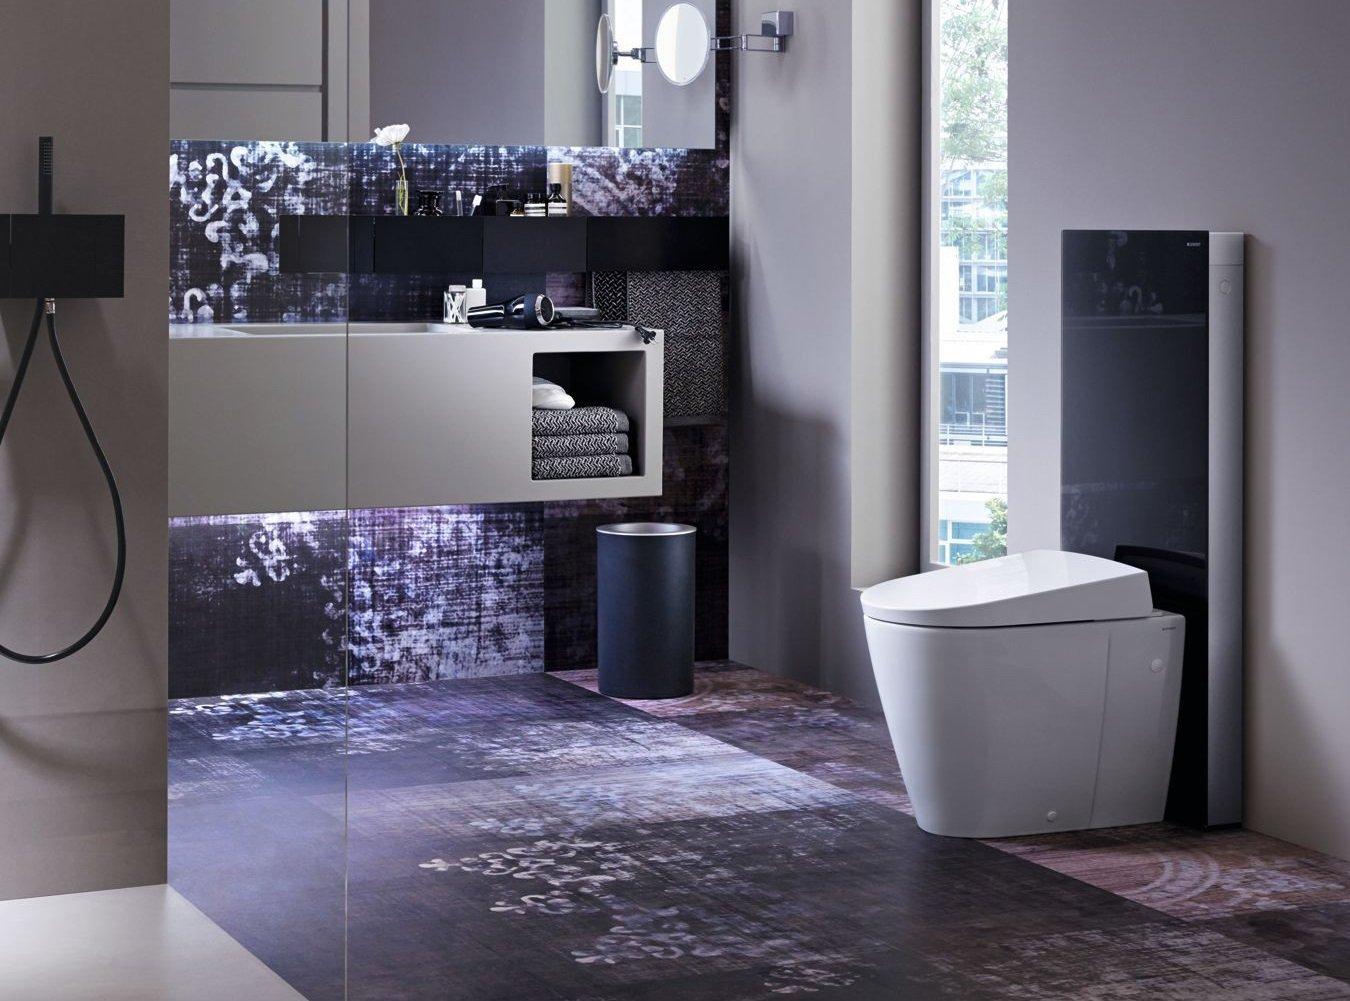 progettazione bagno gli incontri formativi di geberit e pozzi ginori cose di casa. Black Bedroom Furniture Sets. Home Design Ideas